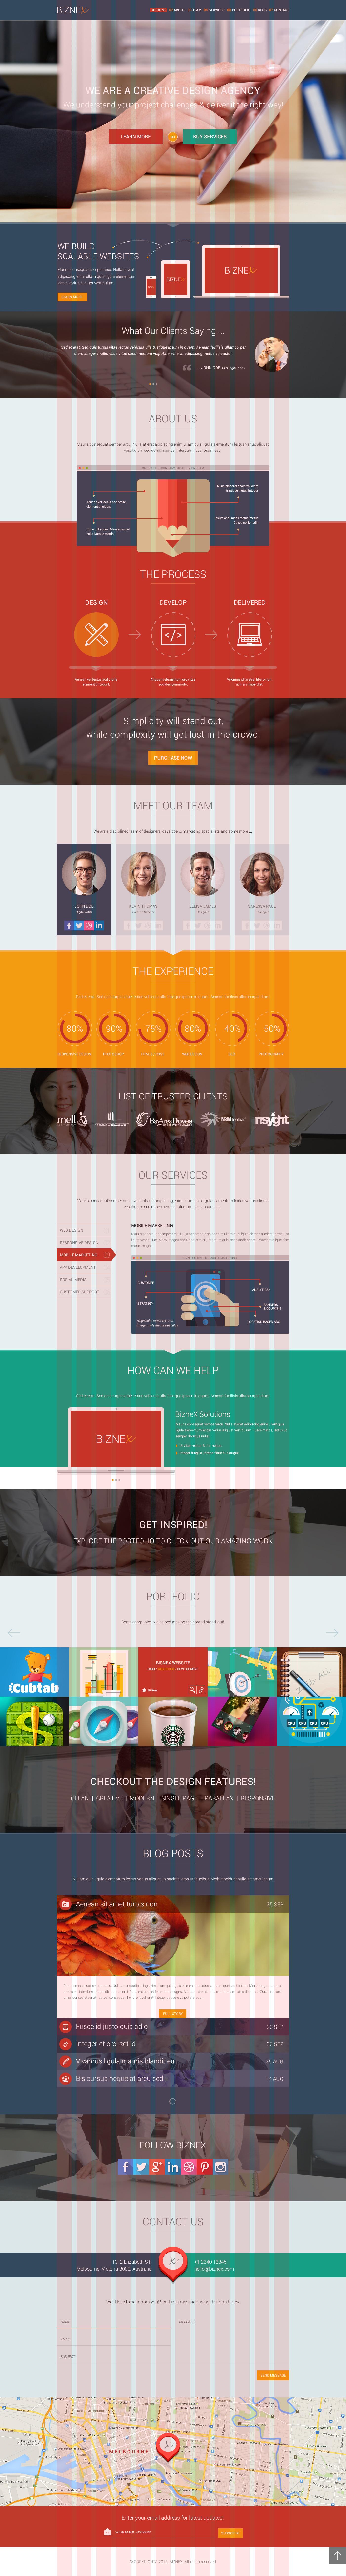 BizNex | Multi-Purpose Parallax PSD Landing Page